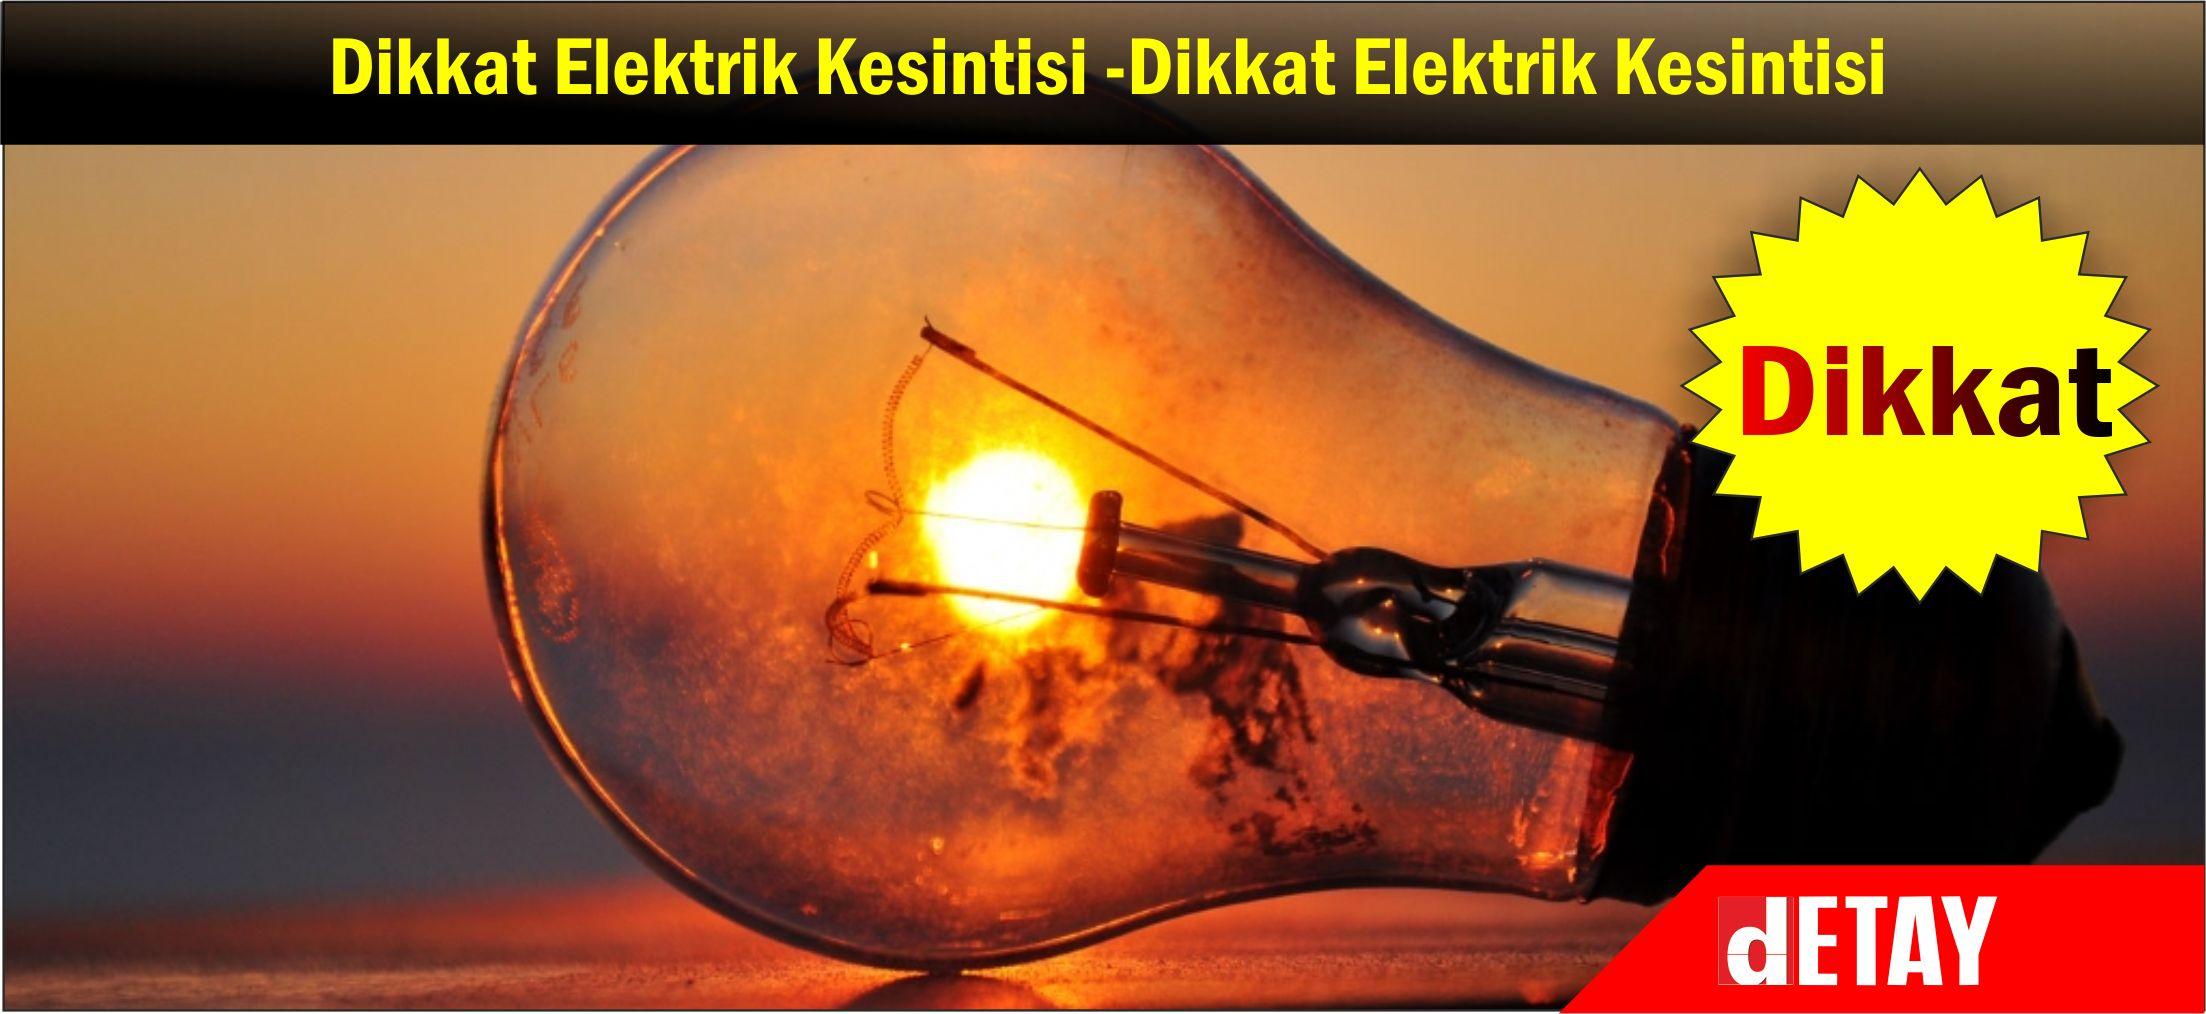 Ülkede elektrik kesintileri yaşanıyor